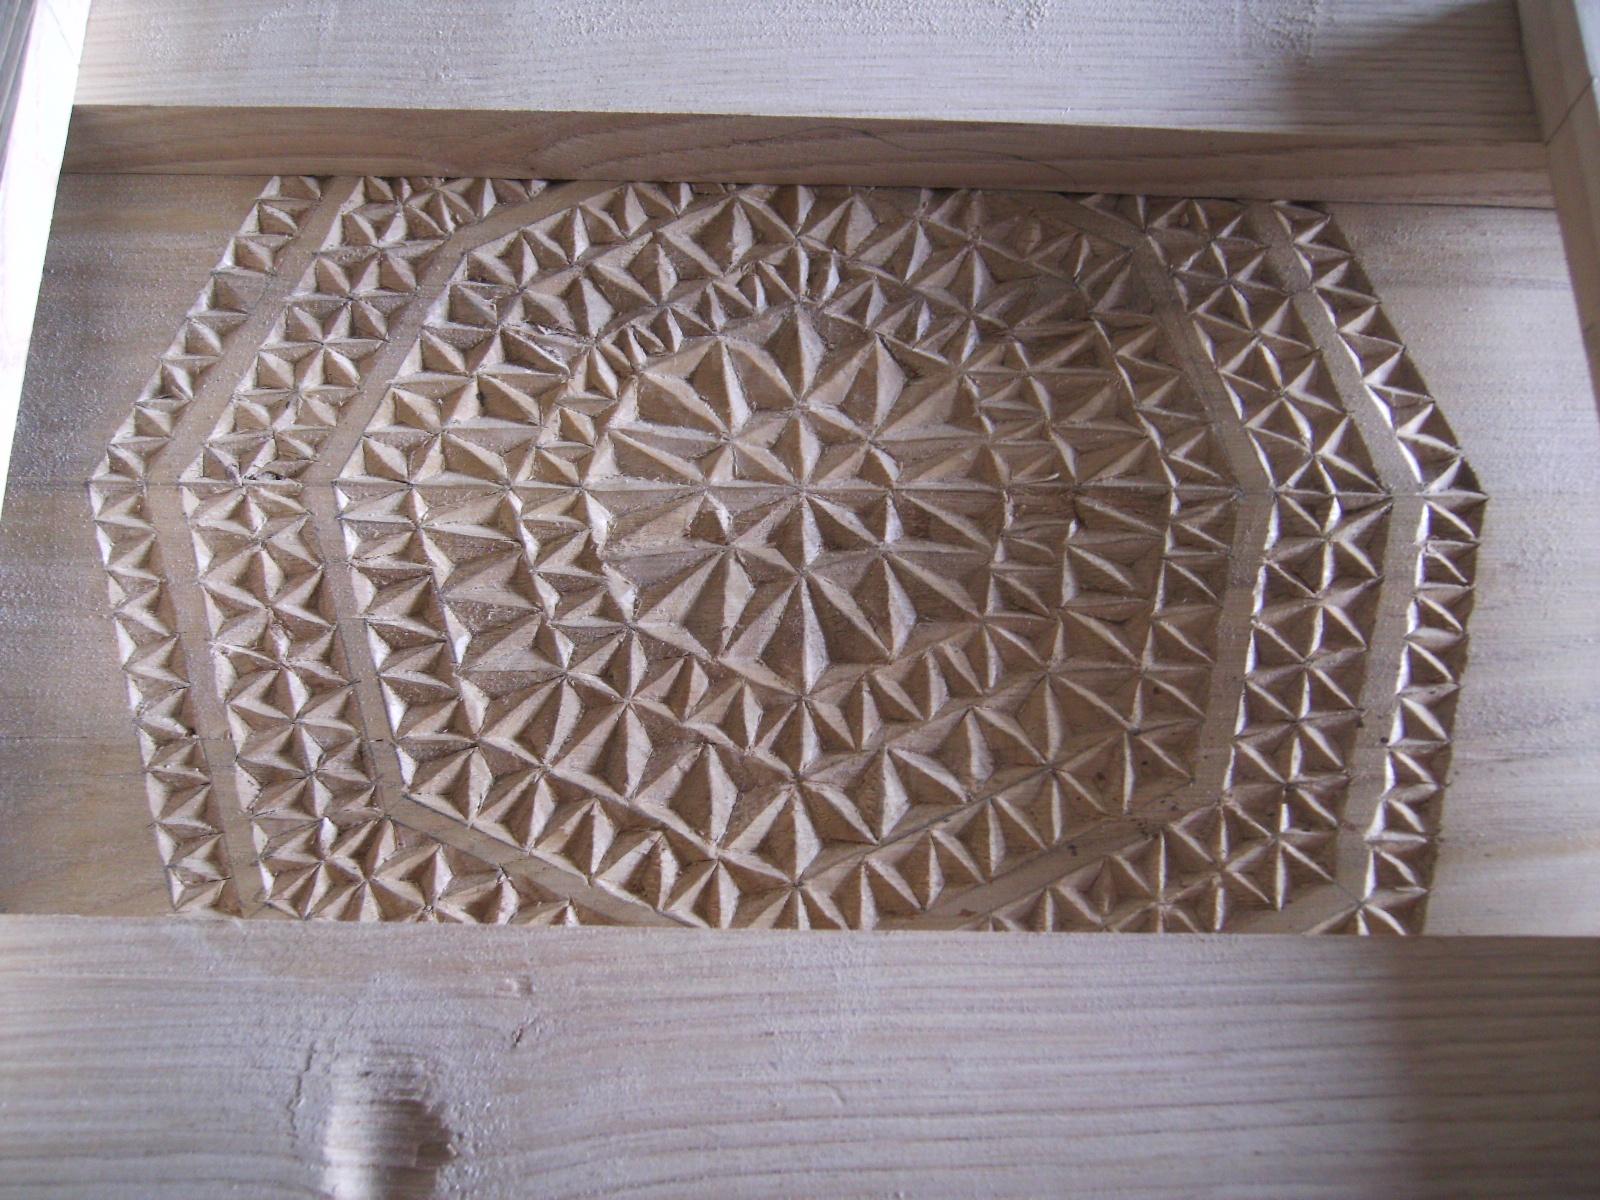 Talla en madera dise os for Disenos de espejos tallados en madera